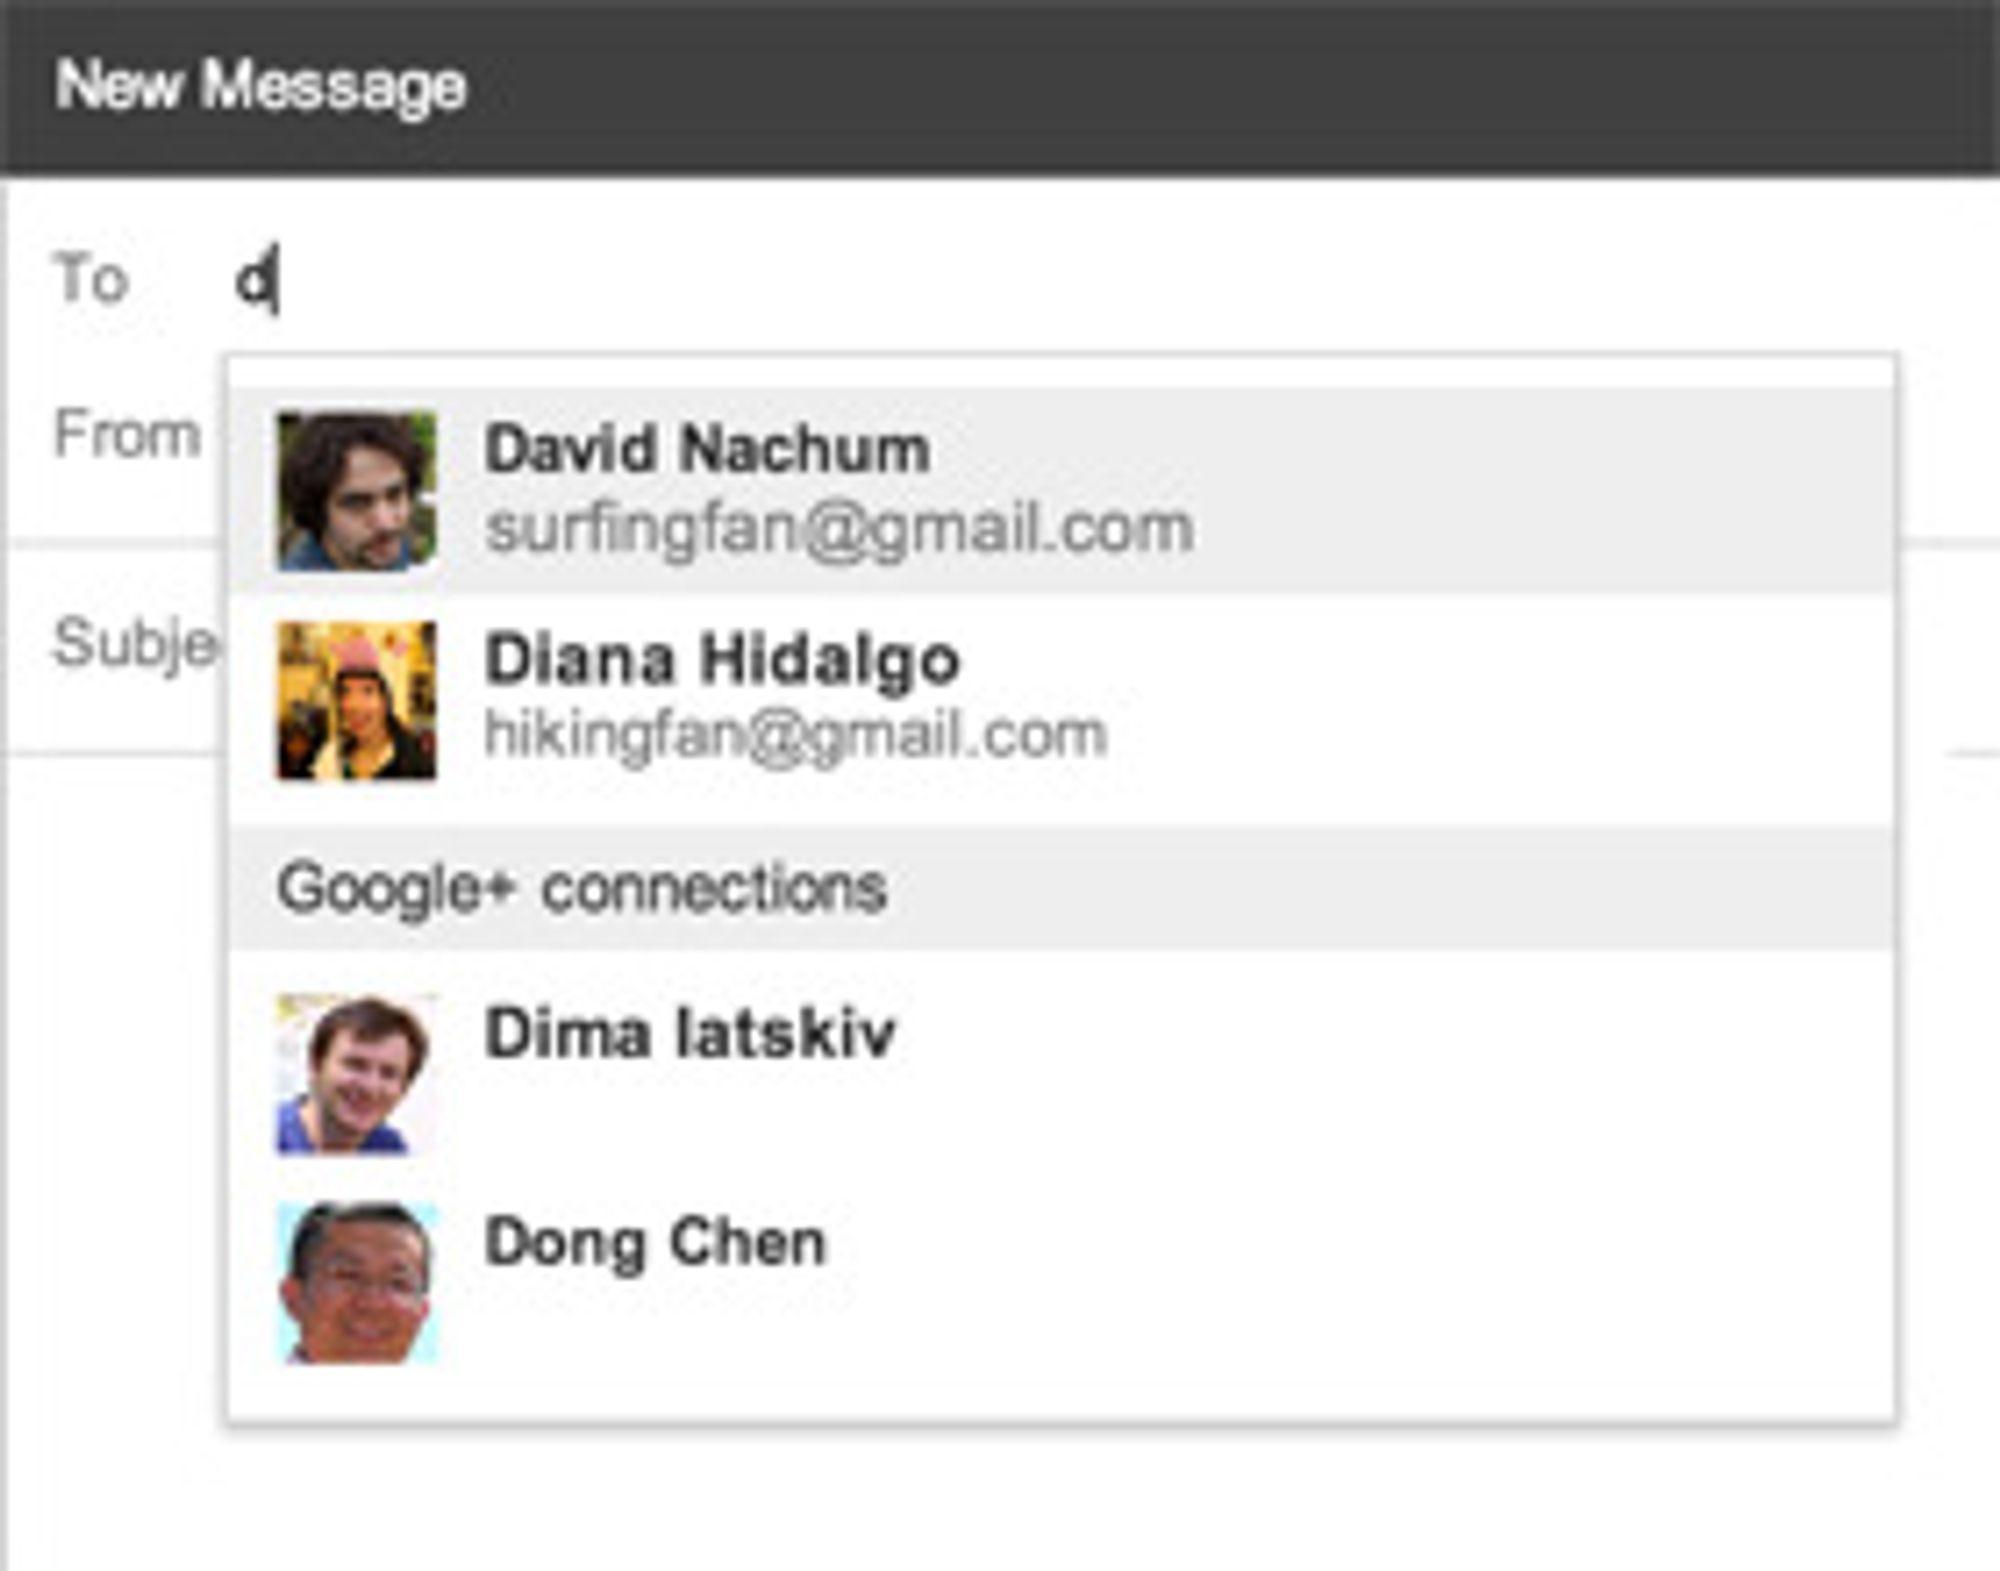 Nå blir det mulig å kontakte personer i Google-universet, uavhengig av om du har e-postadressen deres eller ikke.